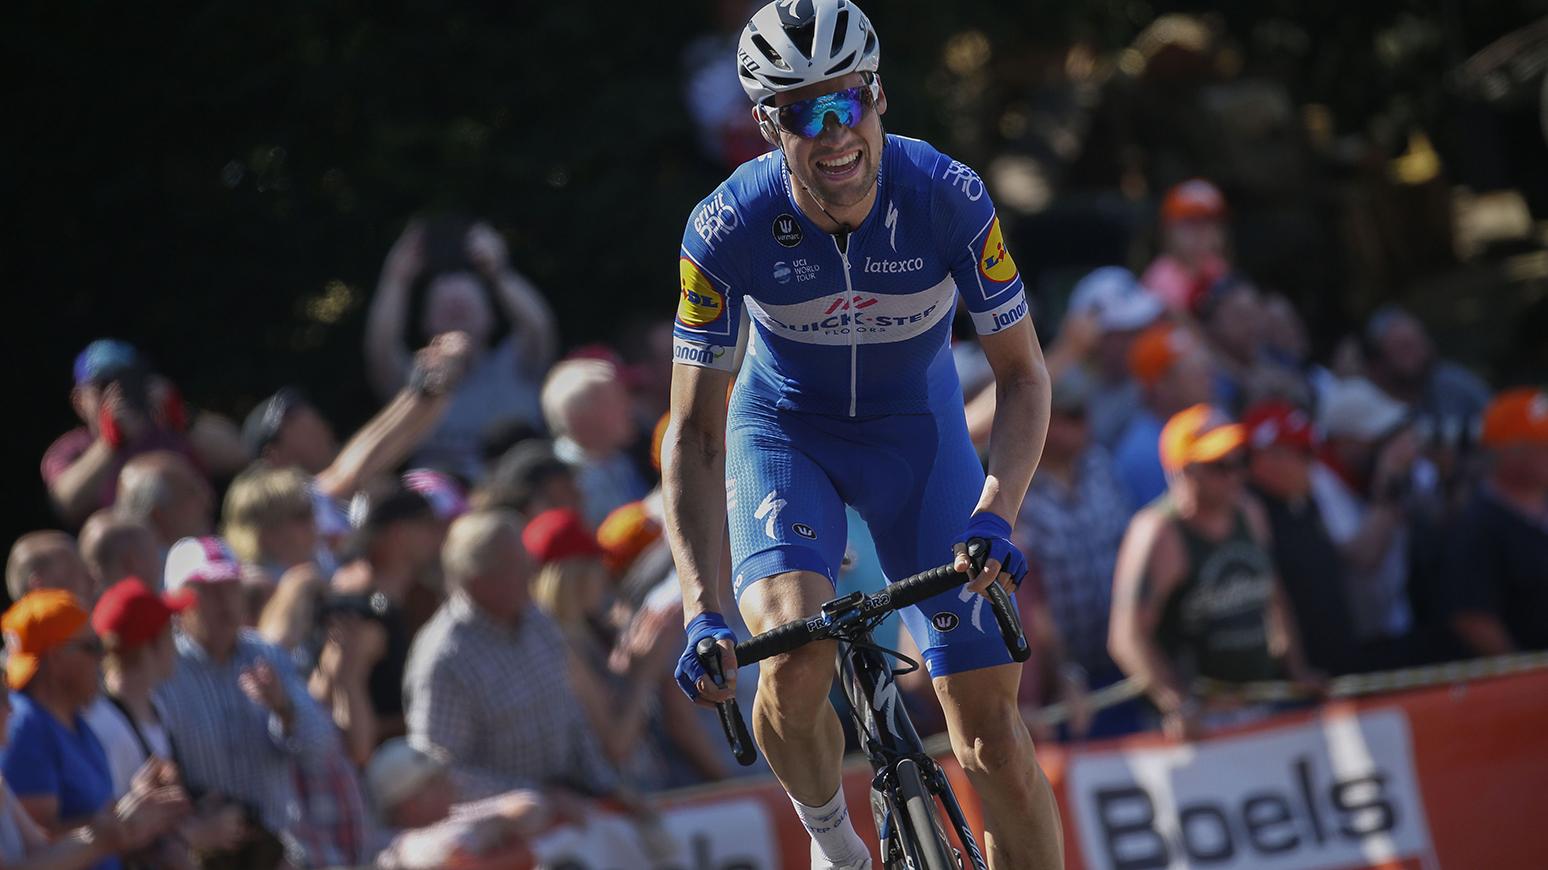 Max Schachmann, Radsportler des Jahres